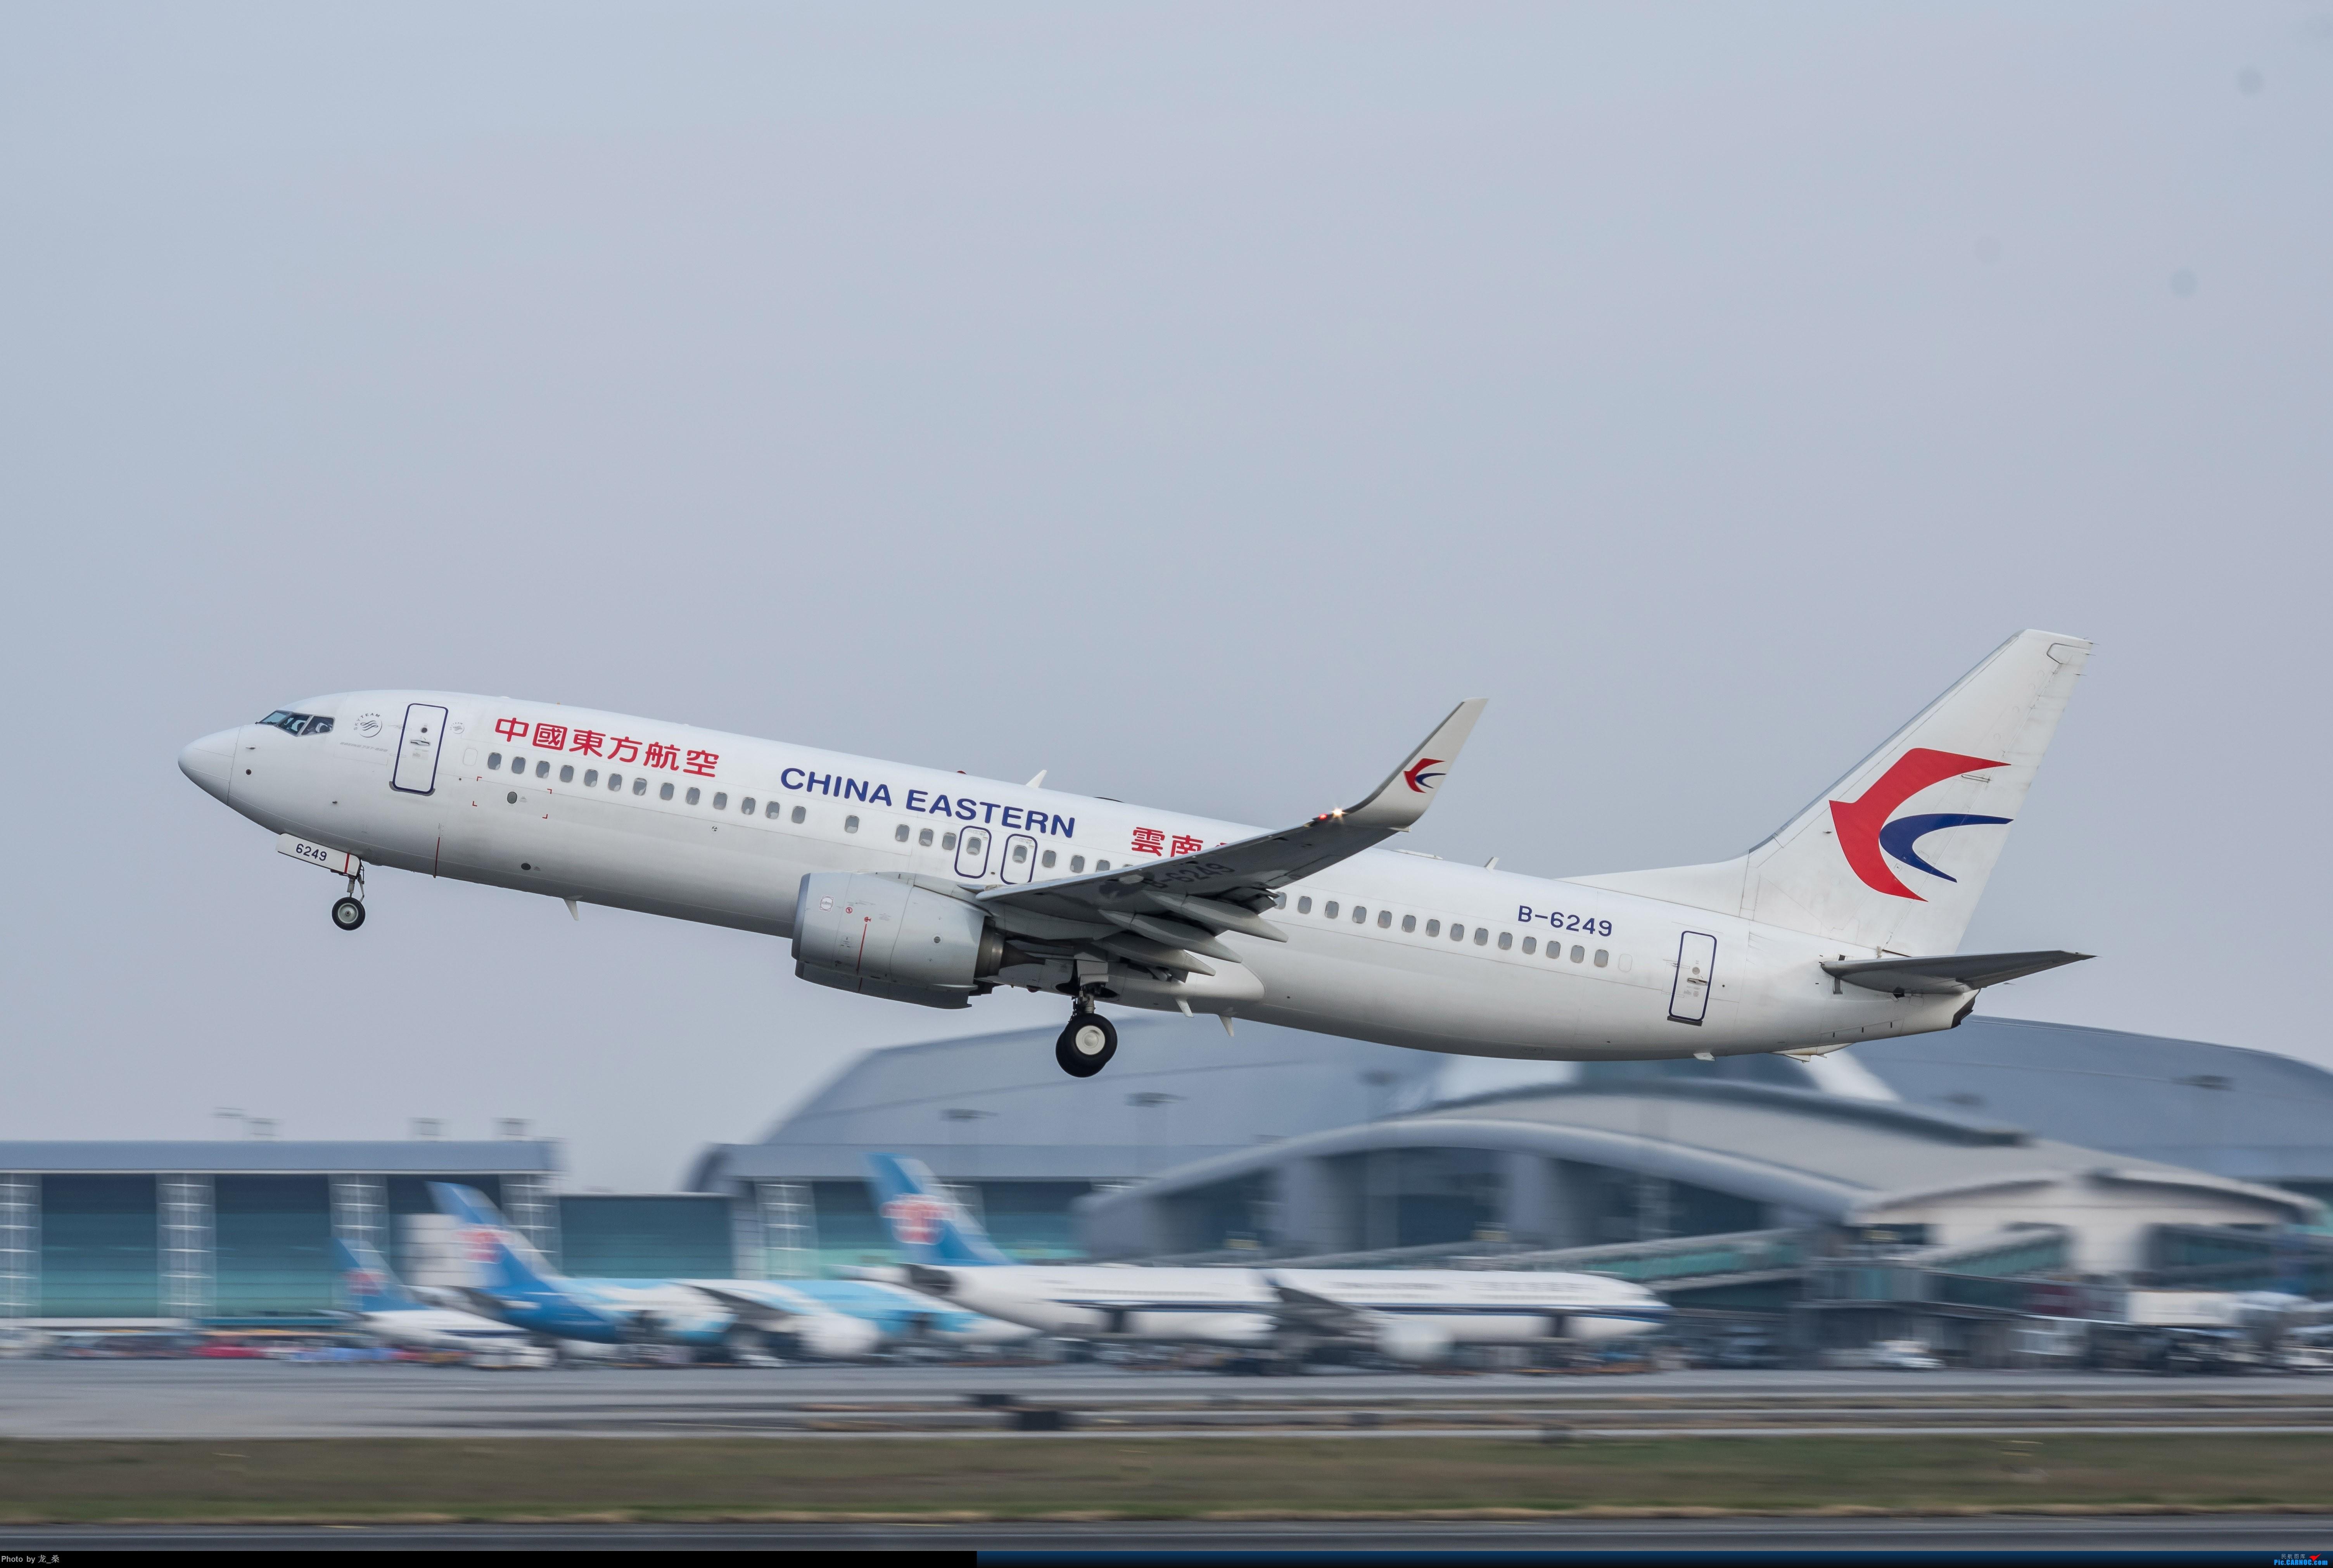 Re:[原创]尊老爱幼,海纳百川是中华民族的传统美德 BOEING 737-800 B-6249 中国广州白云国际机场